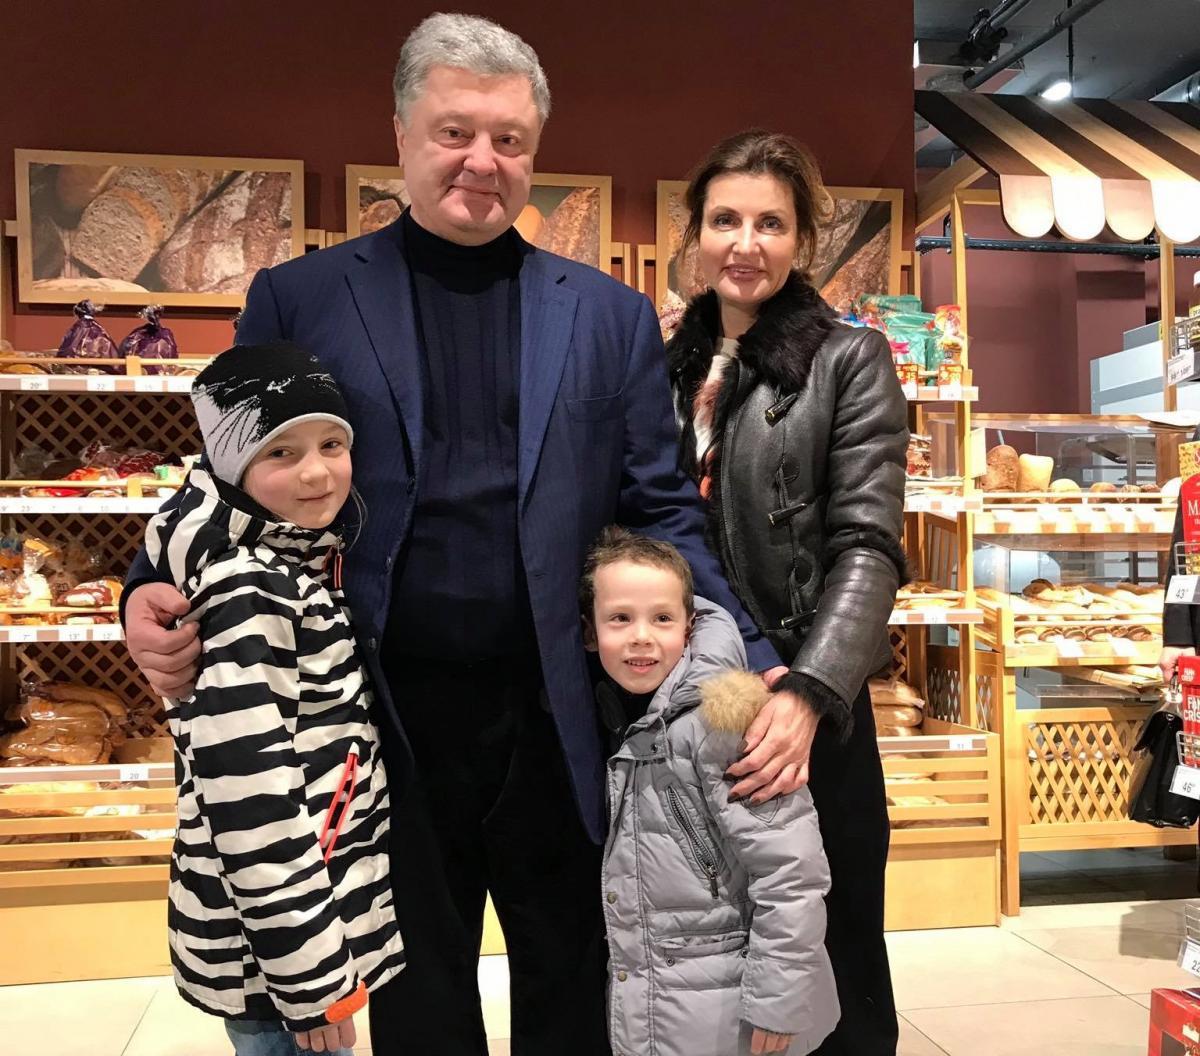 Порошенко с супругой заметили в супермаркете / фото facebook.com/nautilus.kiev